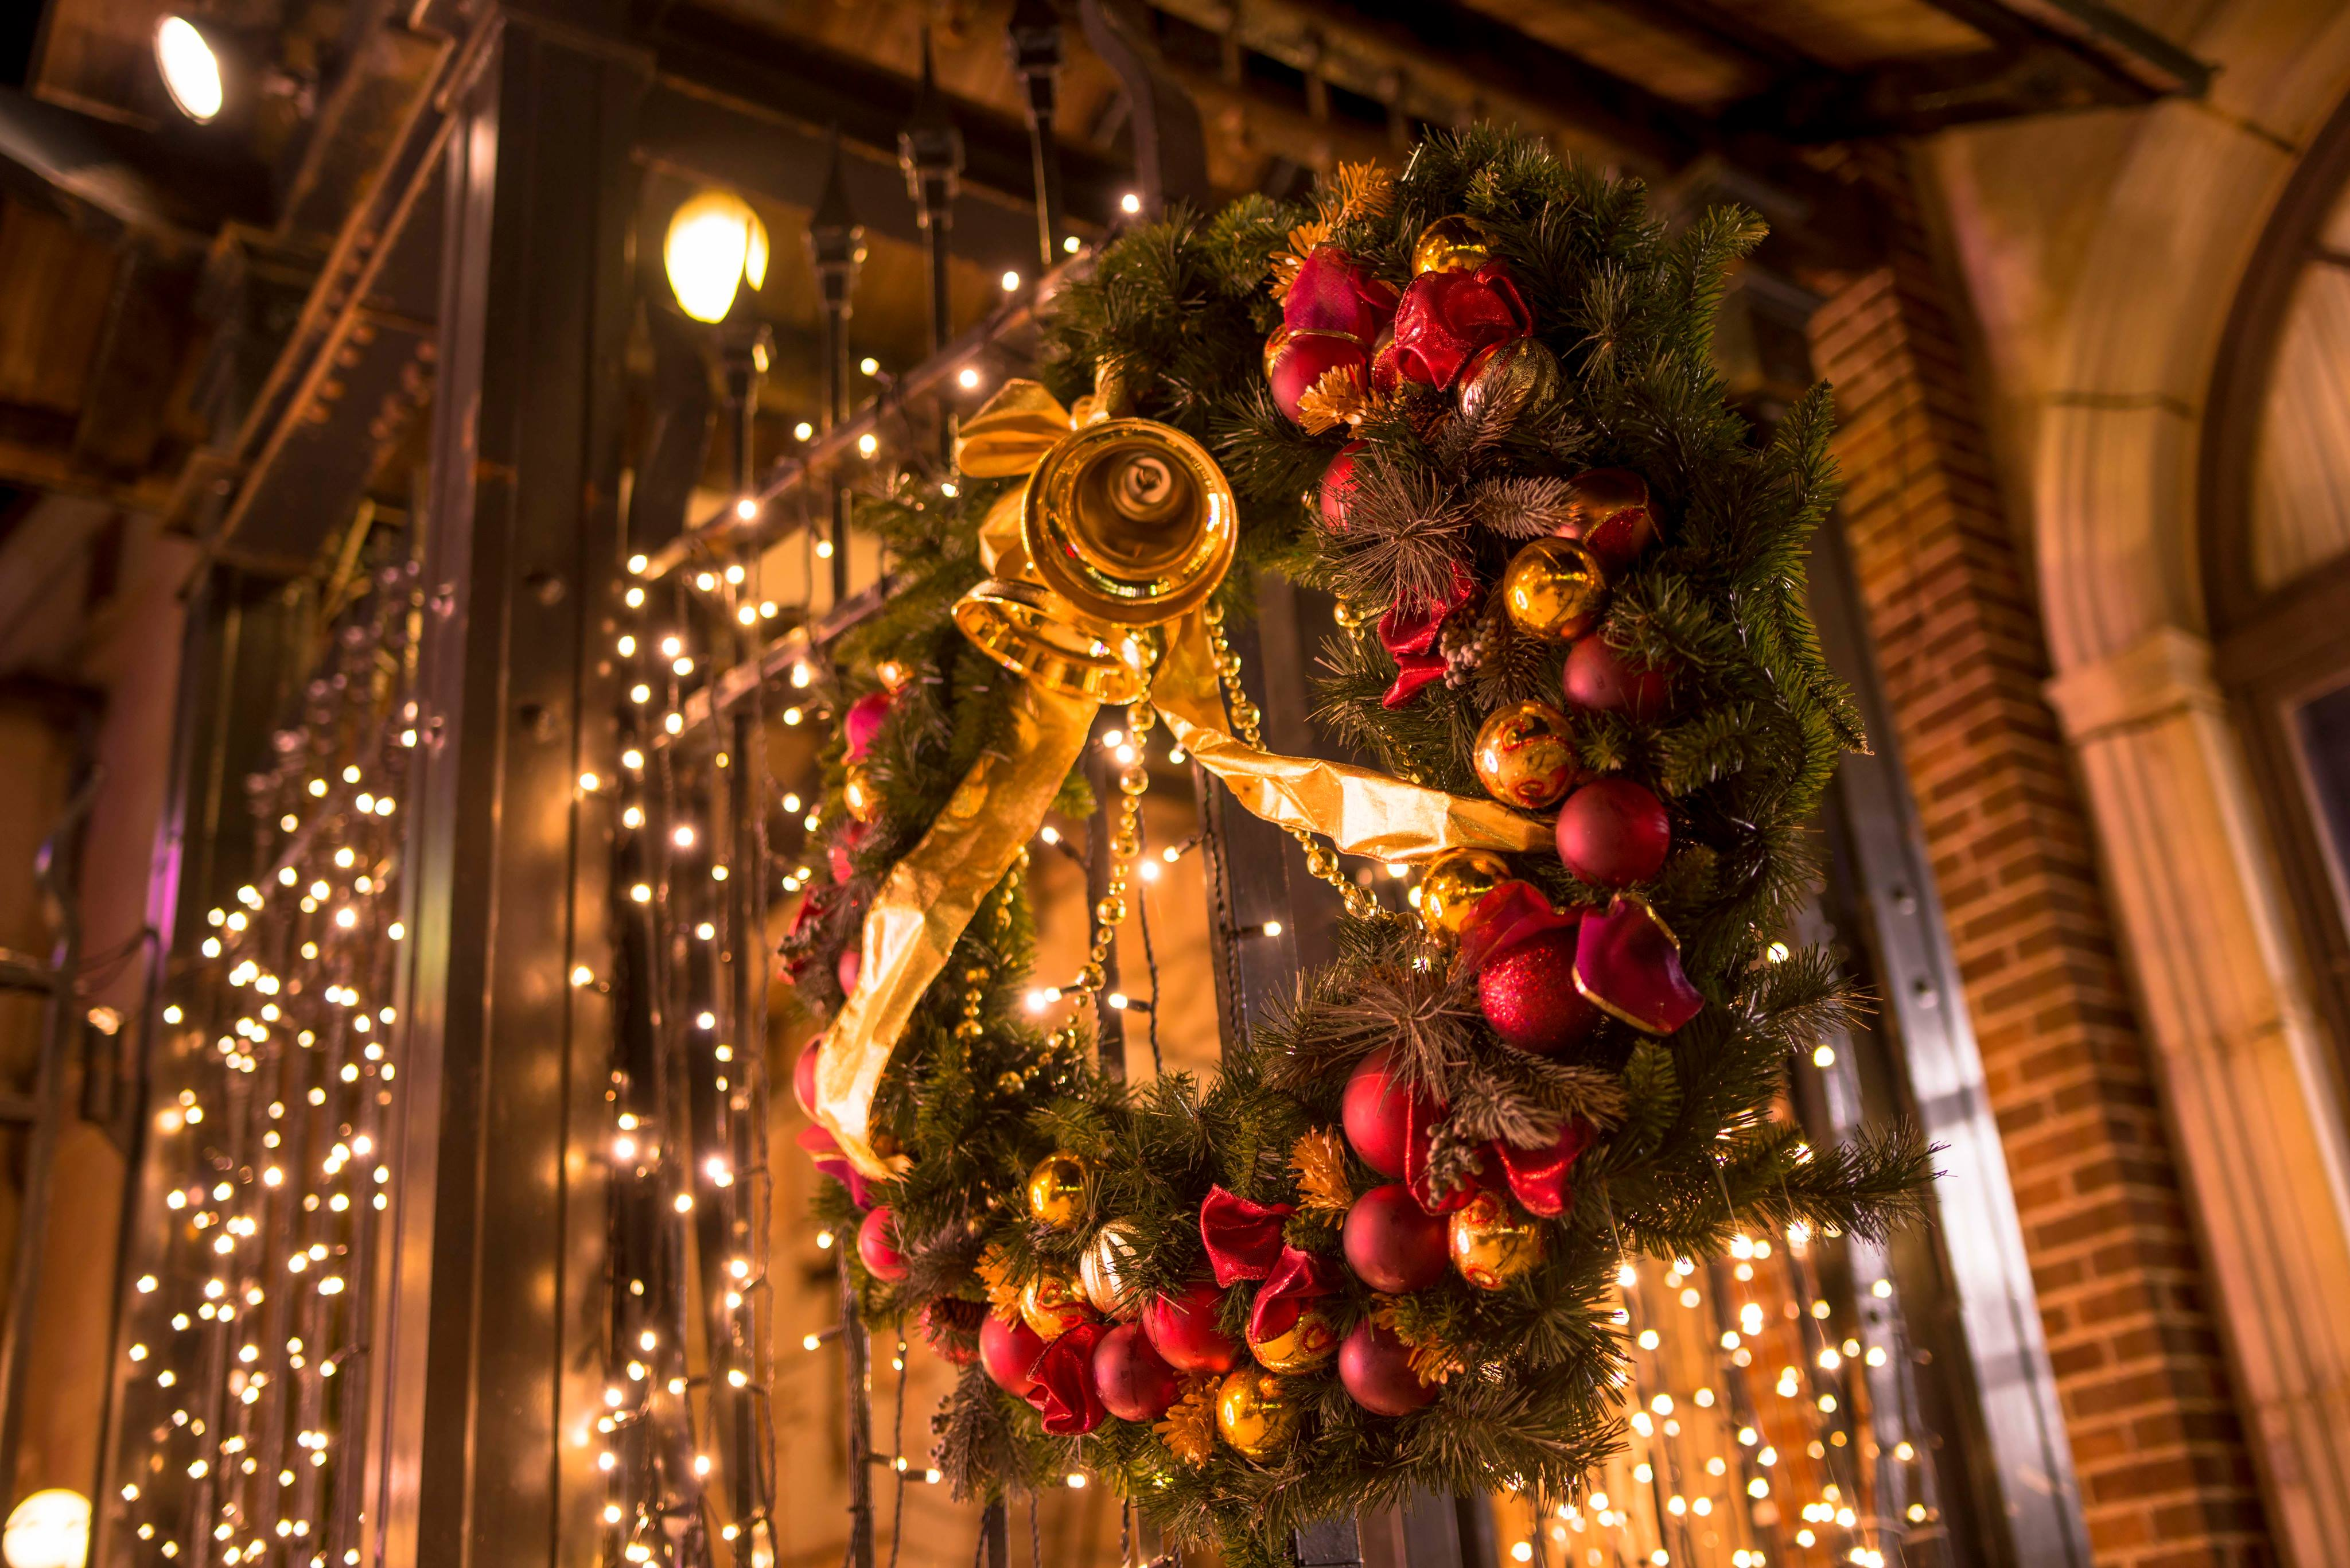 12月24日 BASE動画配信致します。】クリスマスイブを一緒にお祝いしま ...